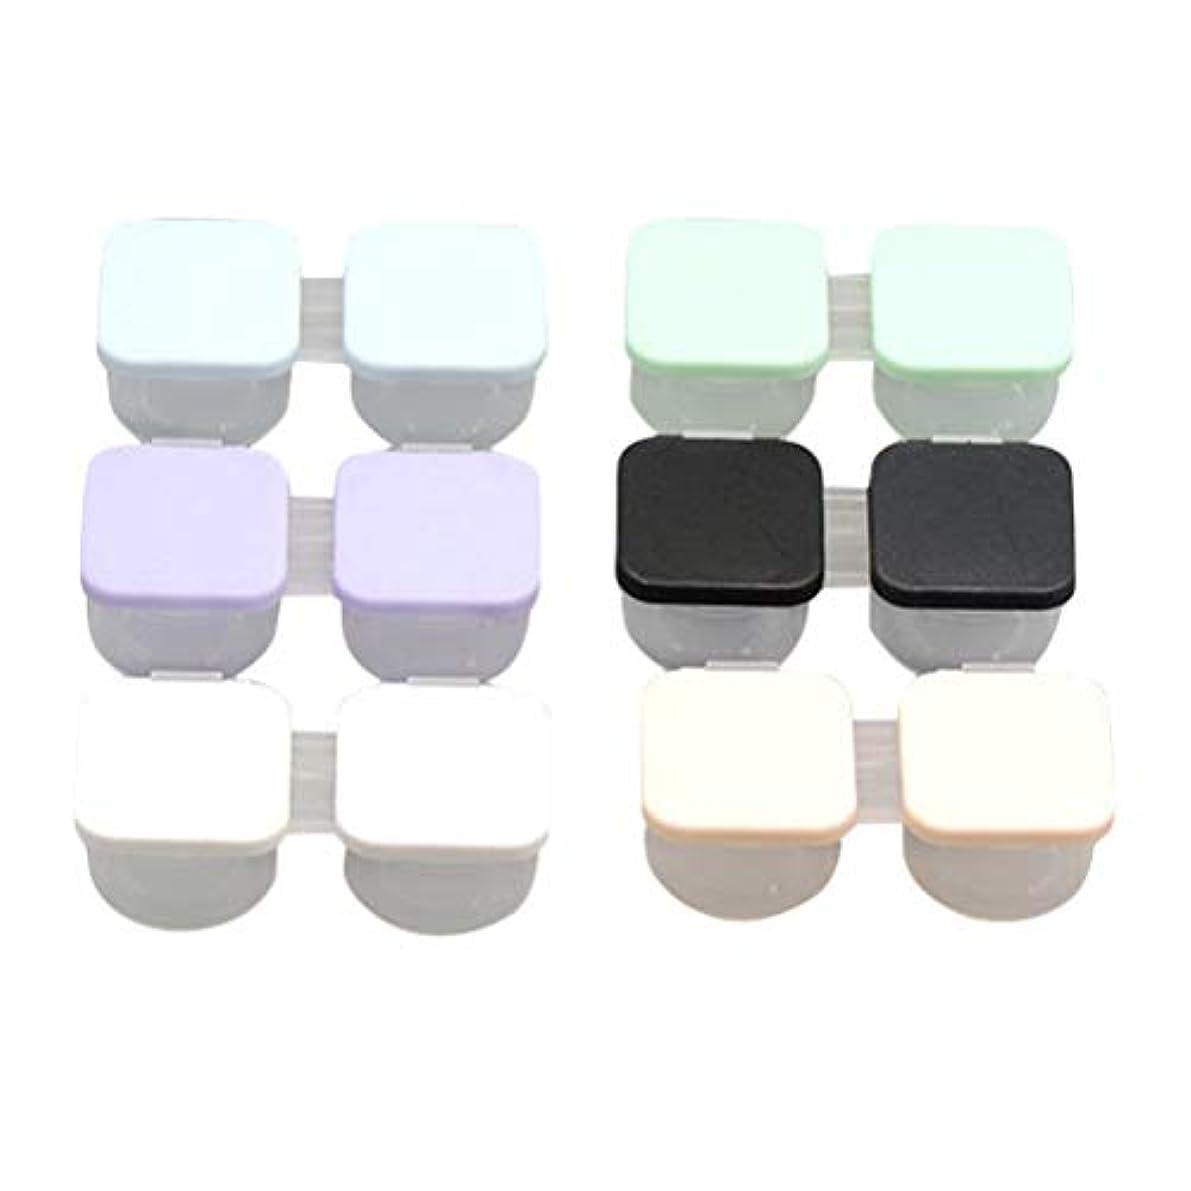 レタッチ相関するカナダSUPVOX コンタクトケース ケアパレット 保存ケース プラスチック製 軽量 安全6個入(混色)